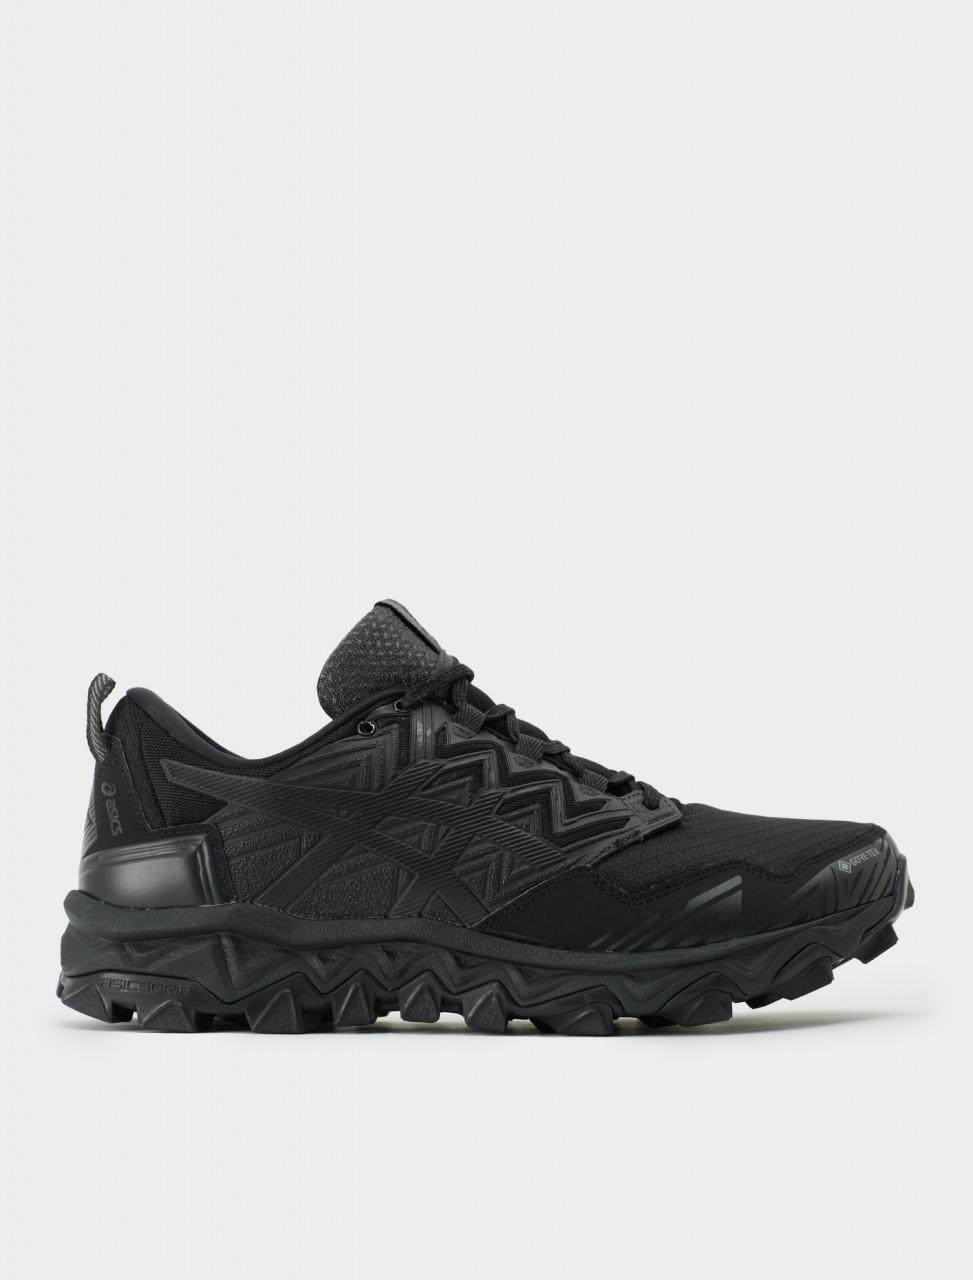 Asics Gel-FujiTrabuco 8 G-TX Sneaker in Black